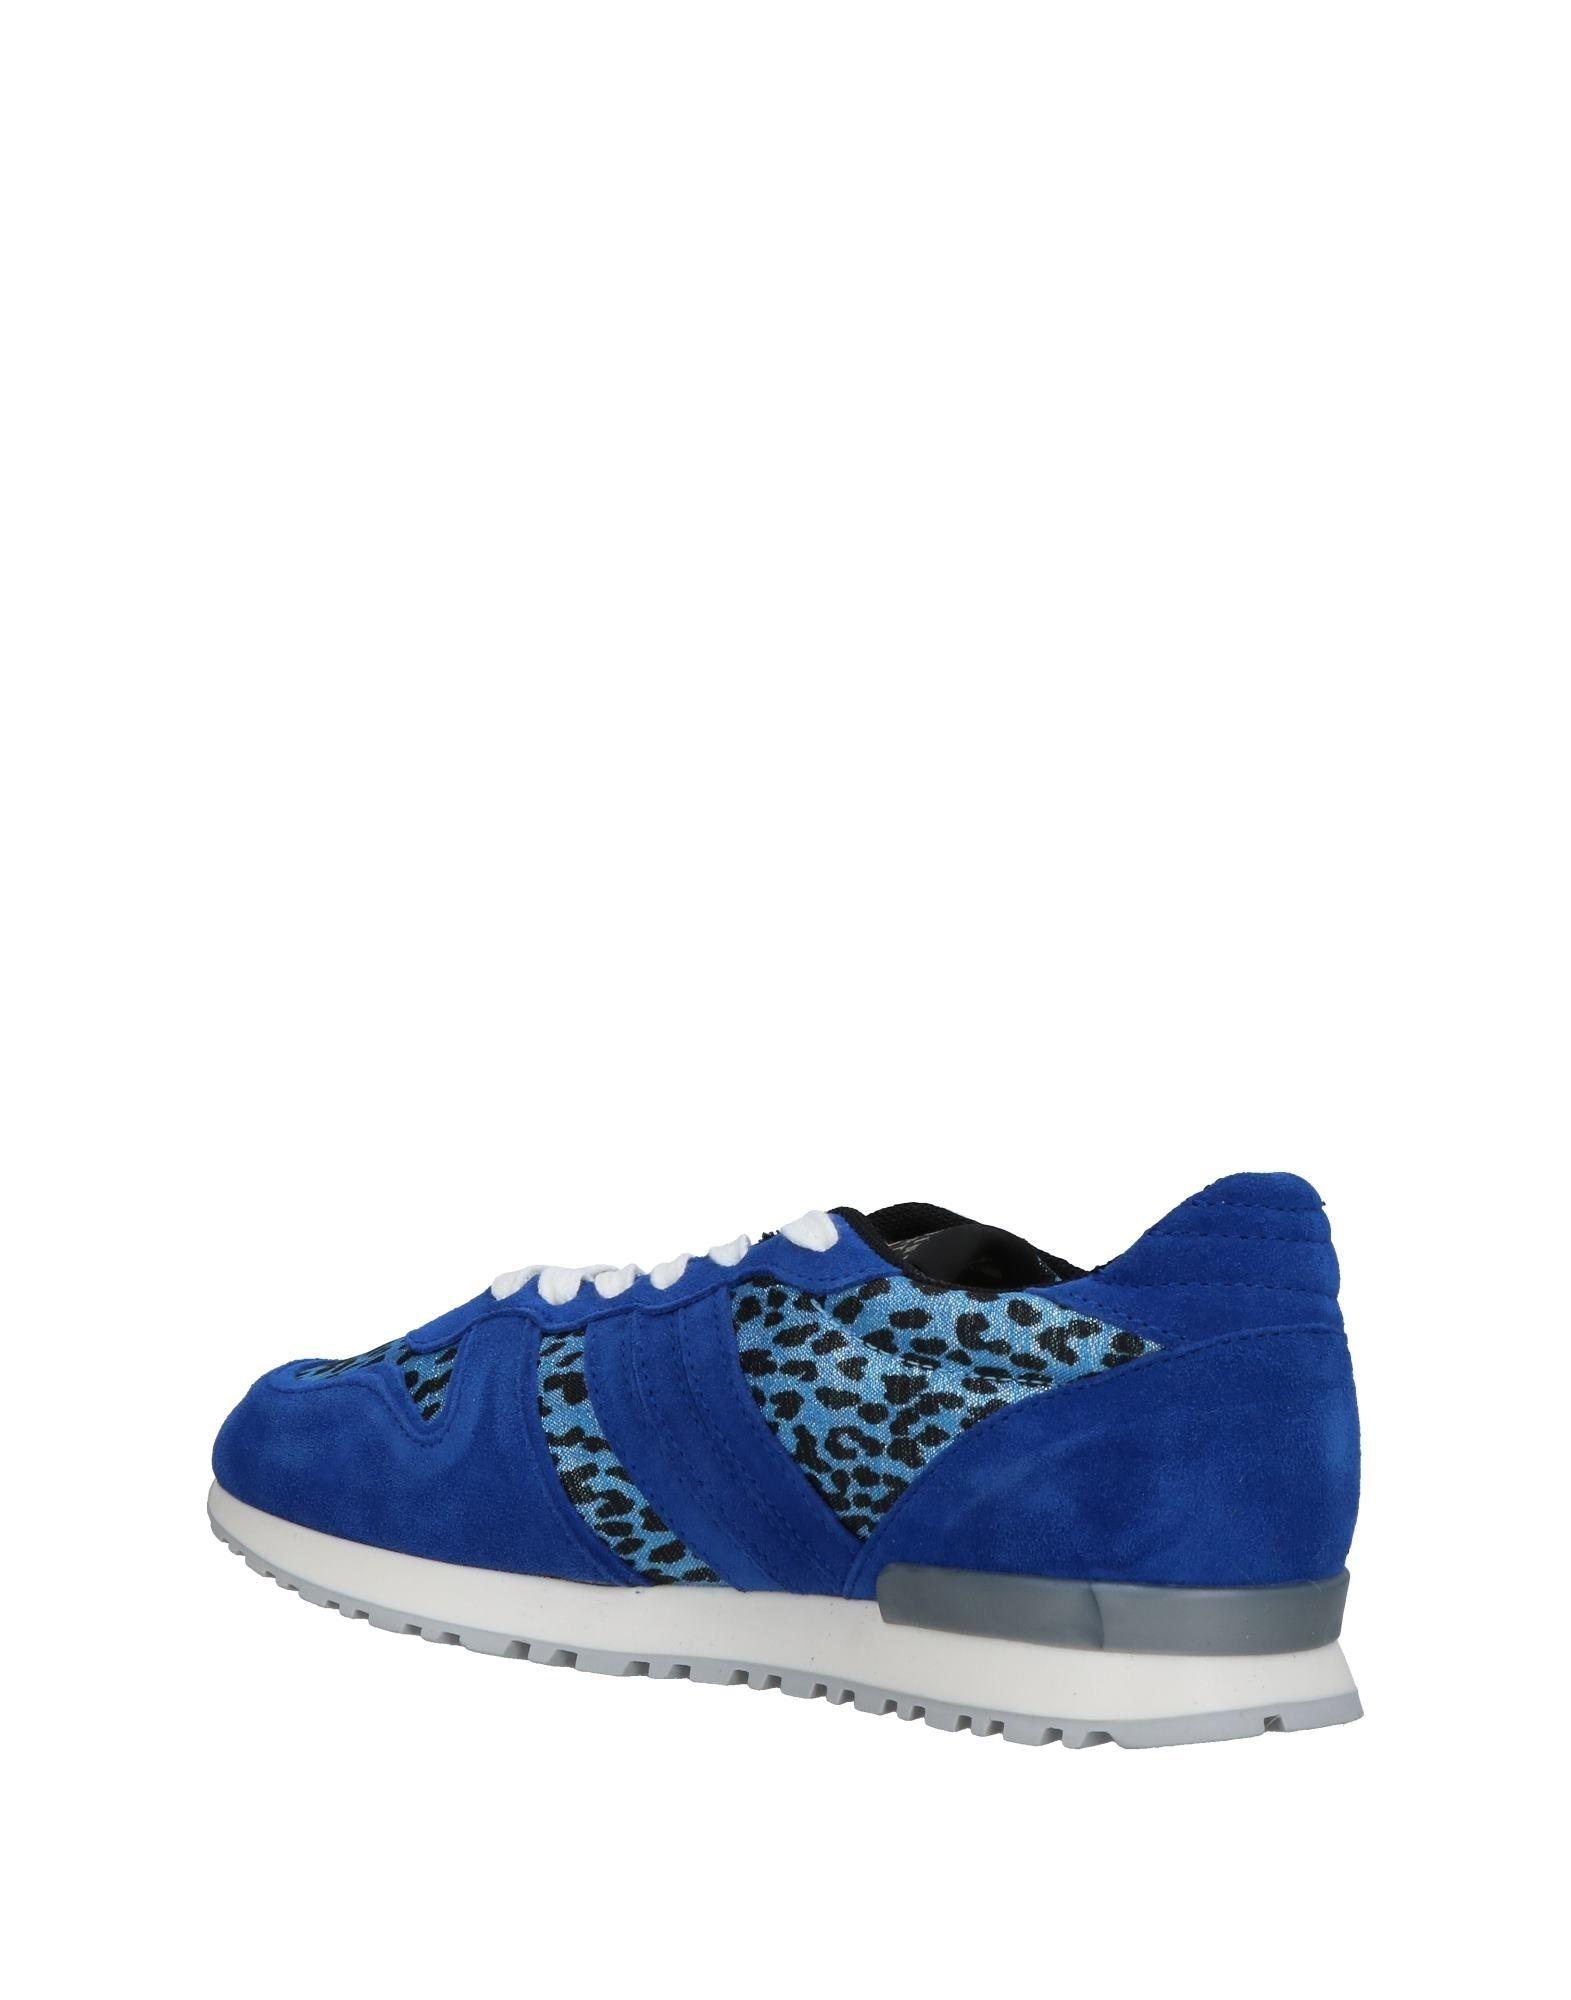 Serafini Luxury Sneakers Damen Gutes lohnt Preis-Leistungs-Verhältnis, es lohnt Gutes sich 58962a